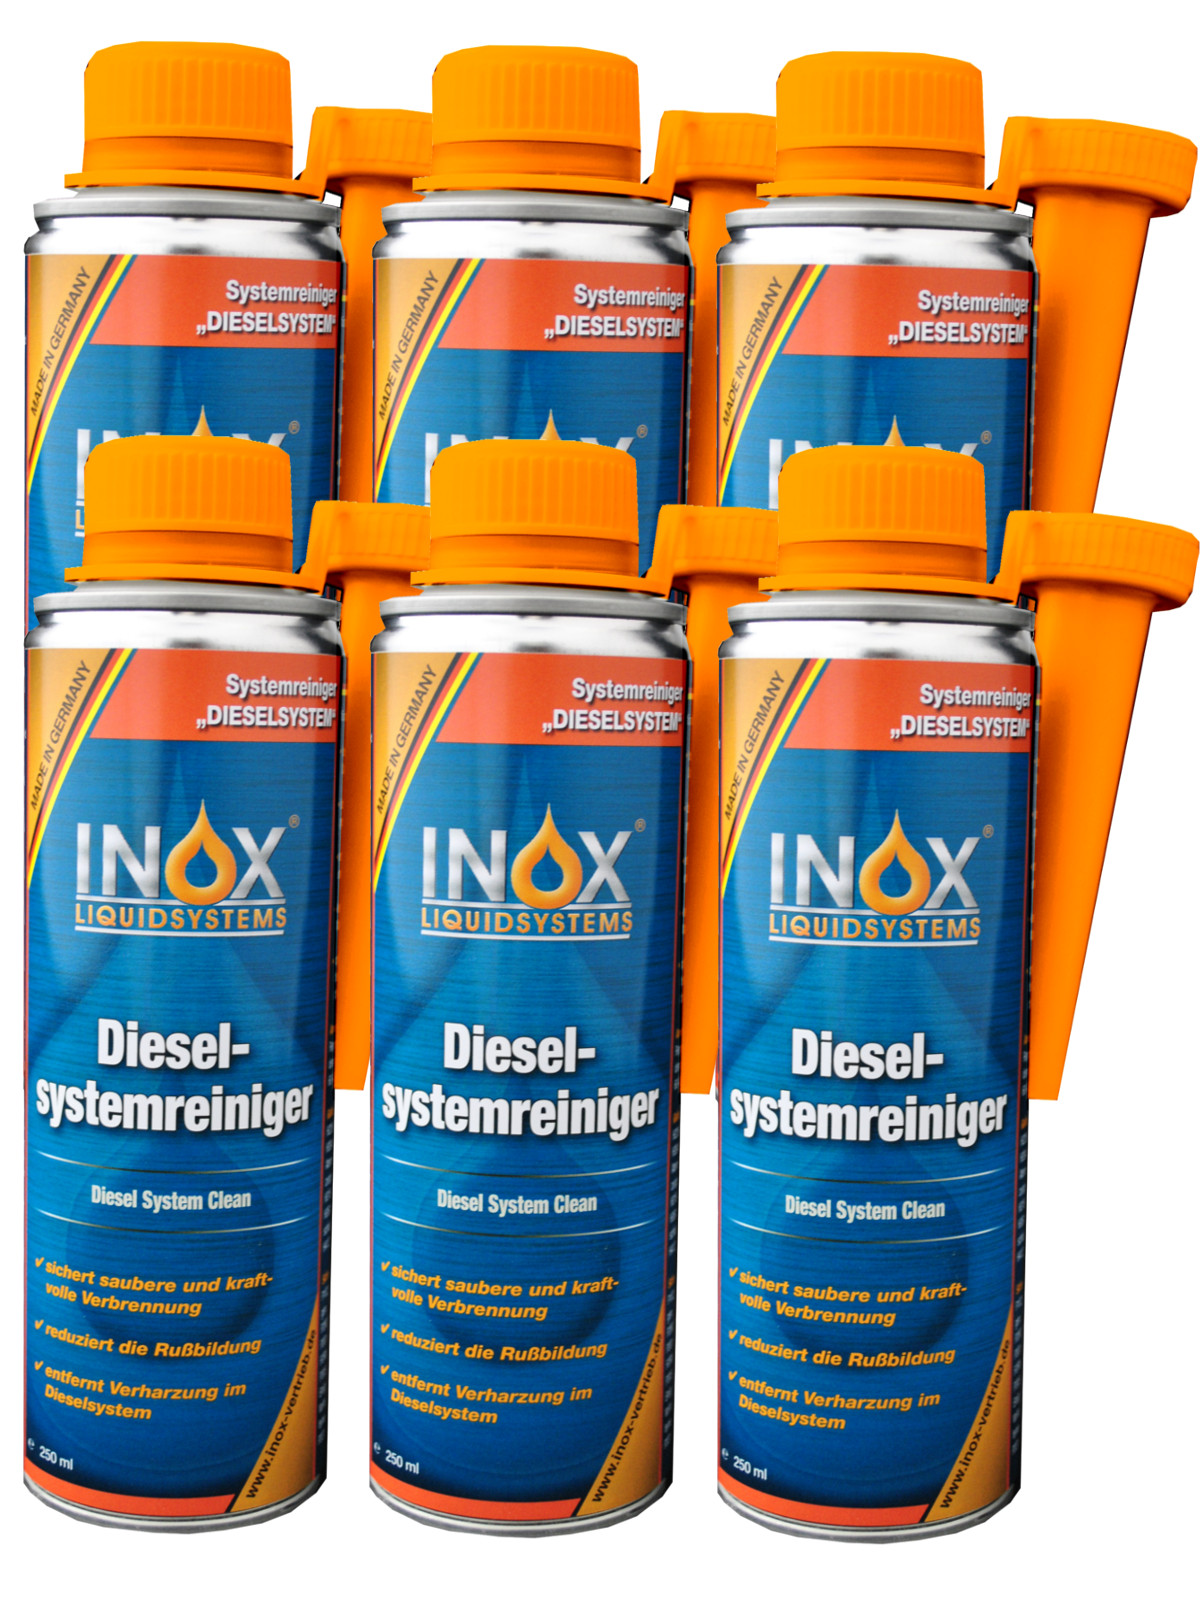 inox diesel systemreiniger injector einspritzreiniger 6x. Black Bedroom Furniture Sets. Home Design Ideas